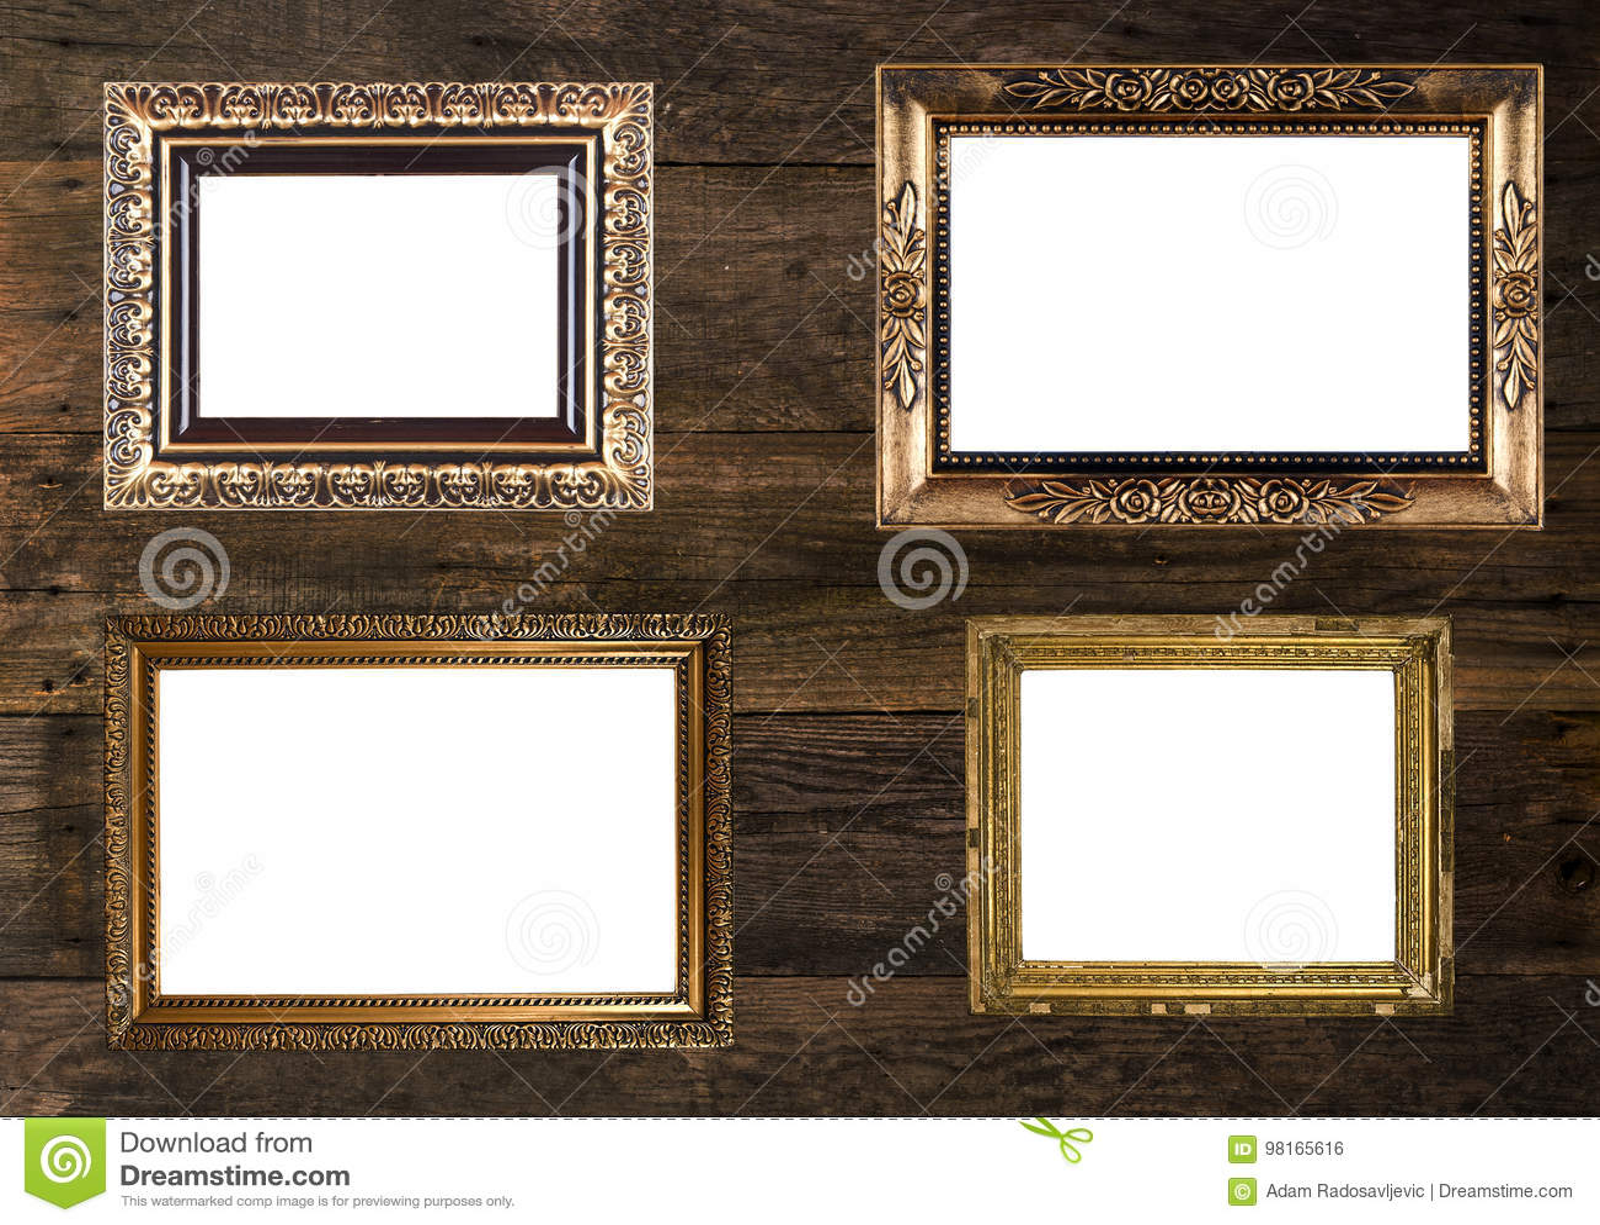 Parete di cornici chic wood pareti pavimenti in stile in stile eclettico di adp ikea cornici - Cornici per finestre in mattoni ...